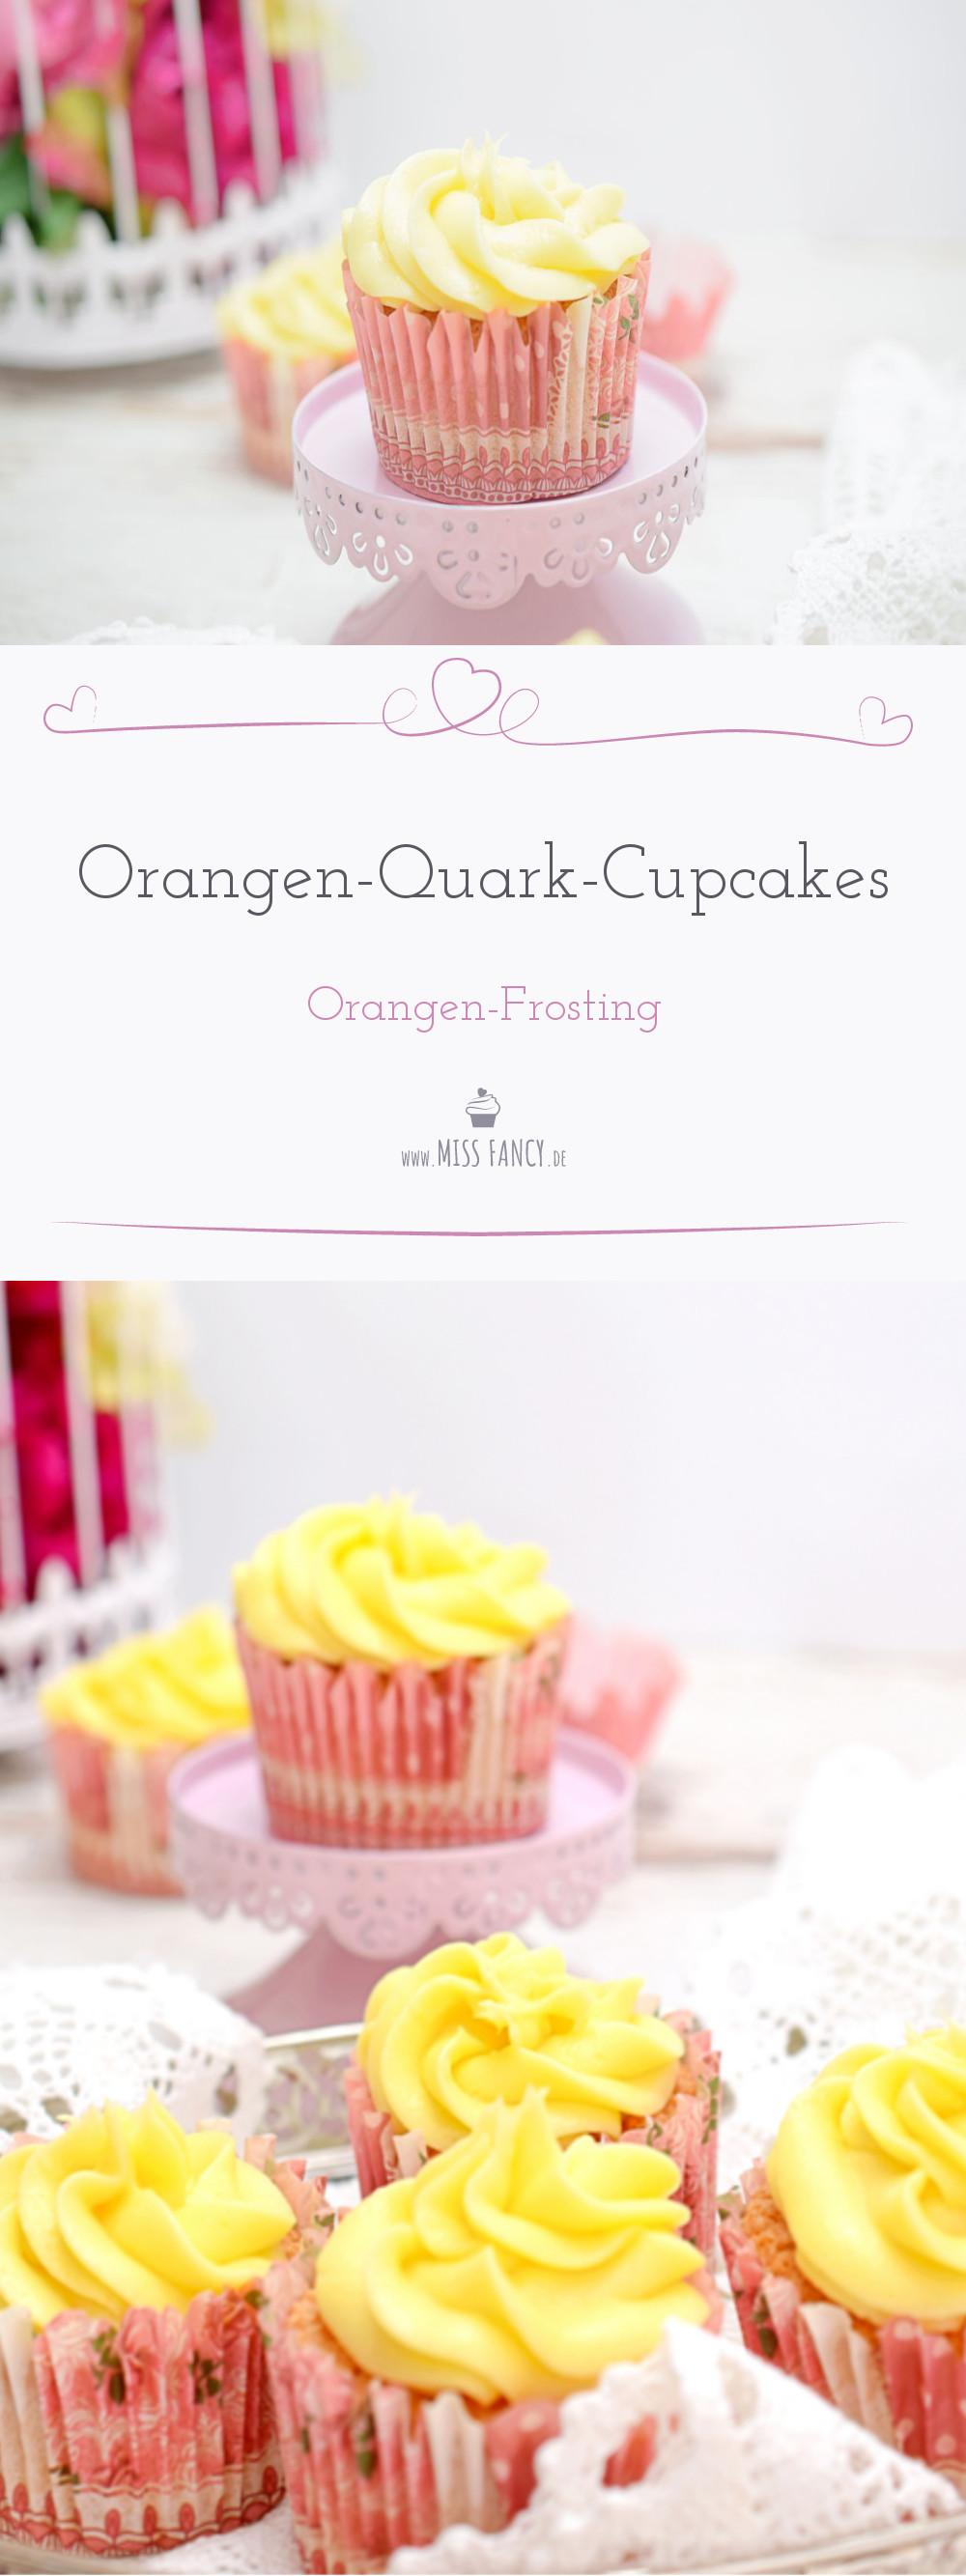 orangen-quark-cupcakes